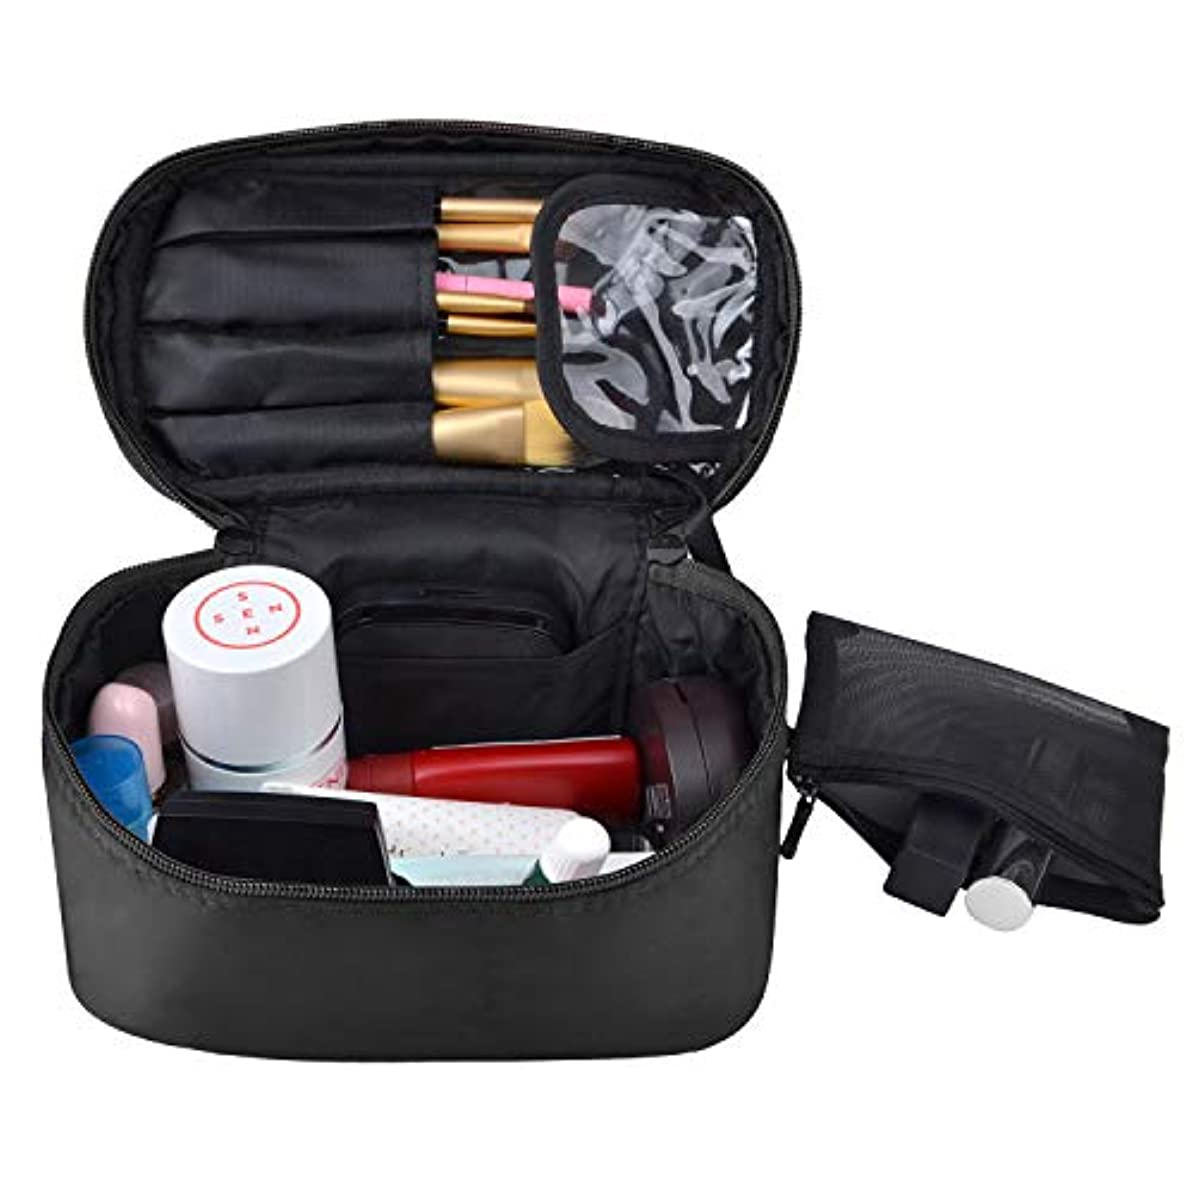 代表する関係ない袋NOTAG 化粧ポーチ レディース 旅行ポーチ 収納 大容量 防水 小物入れ 旅行